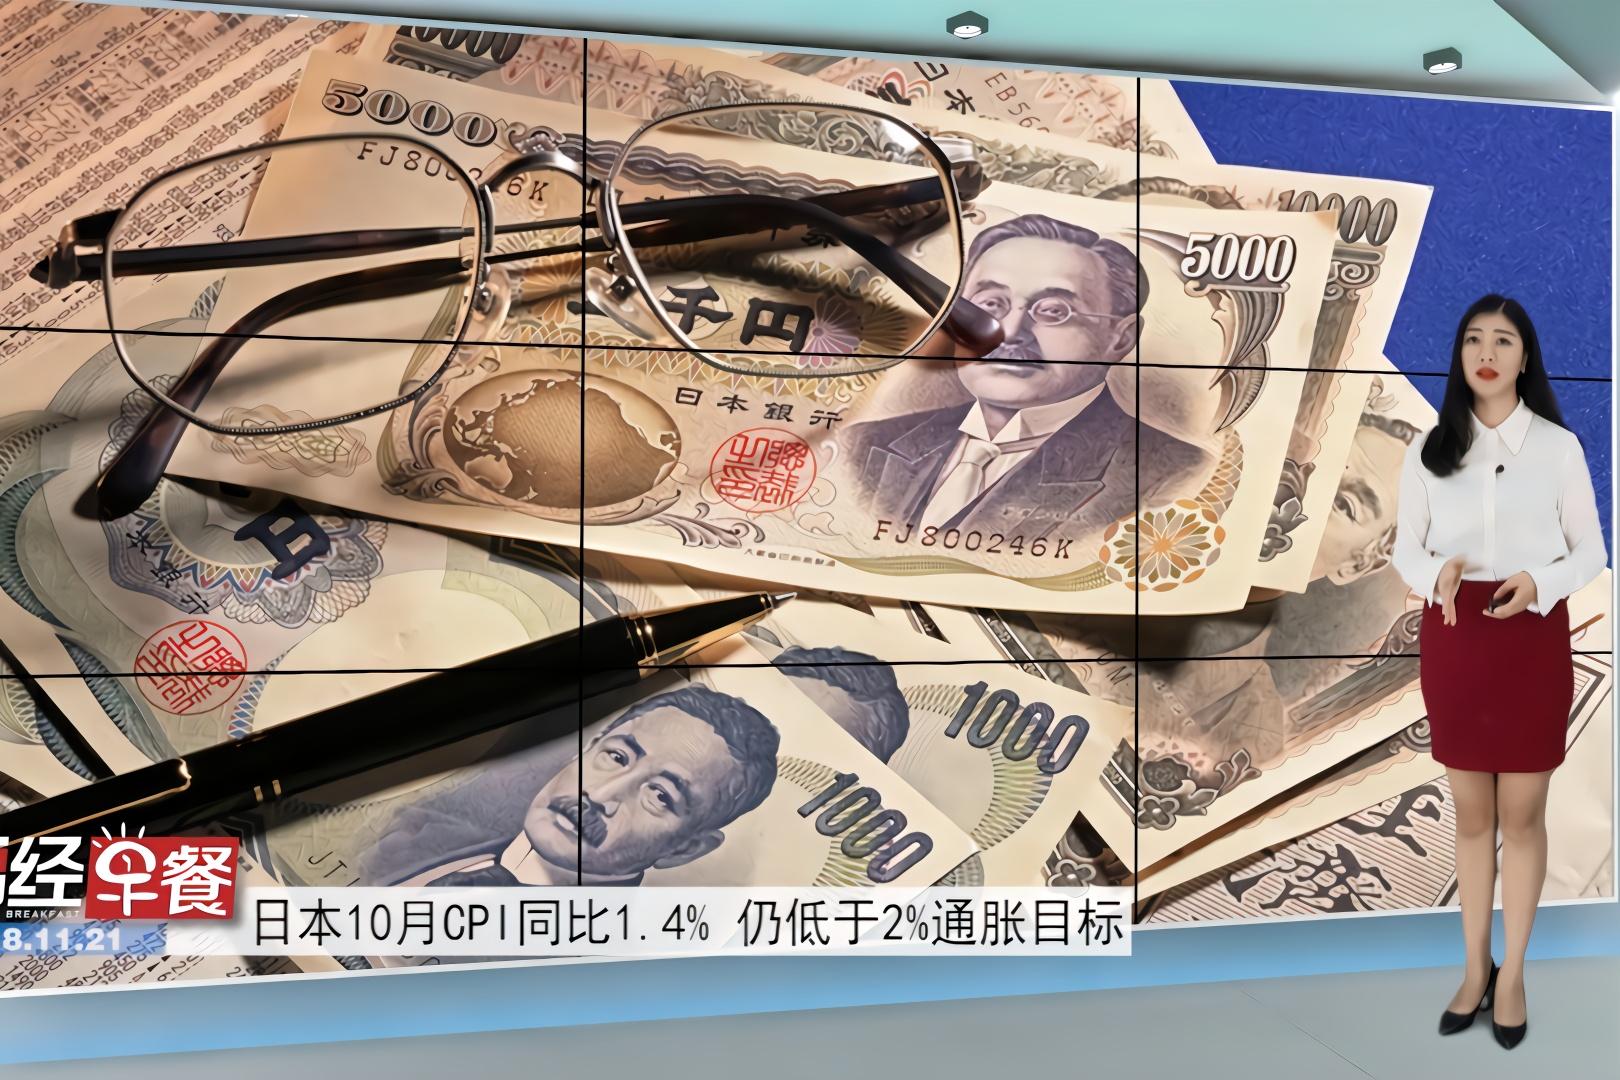 日本10月CPI同比1.4% 仍低于2%通胀目标